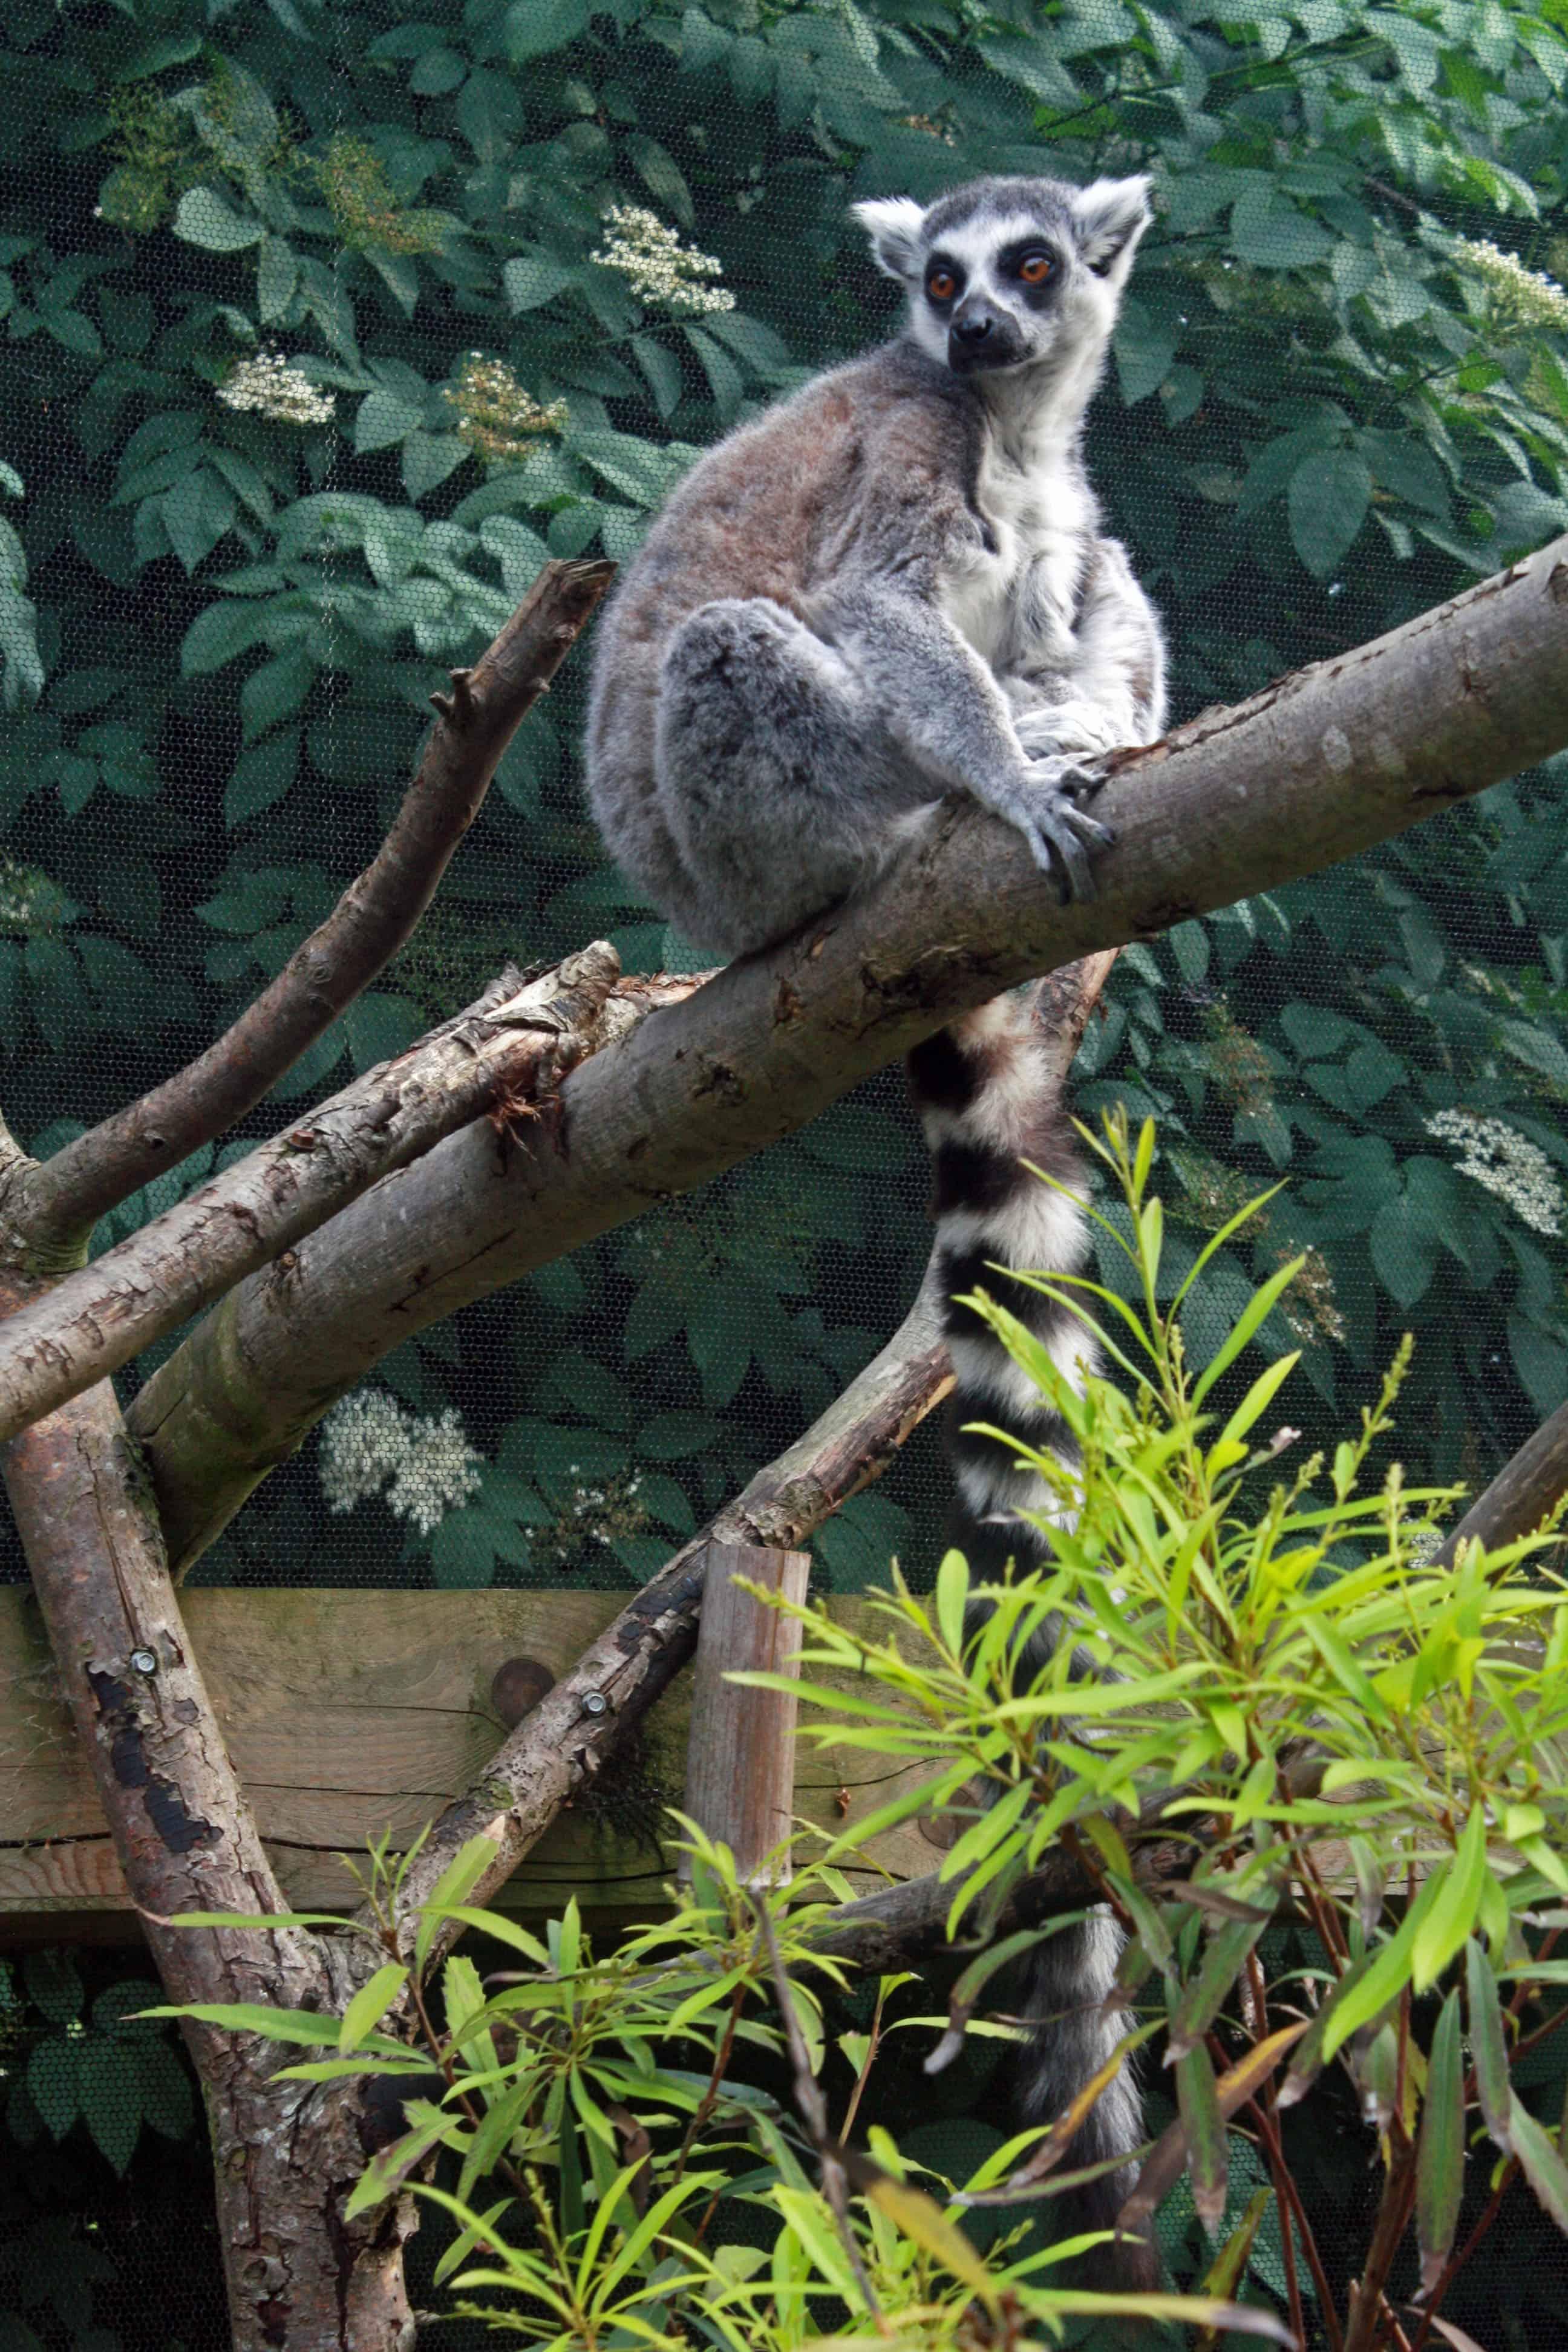 Lemur at London Zoo